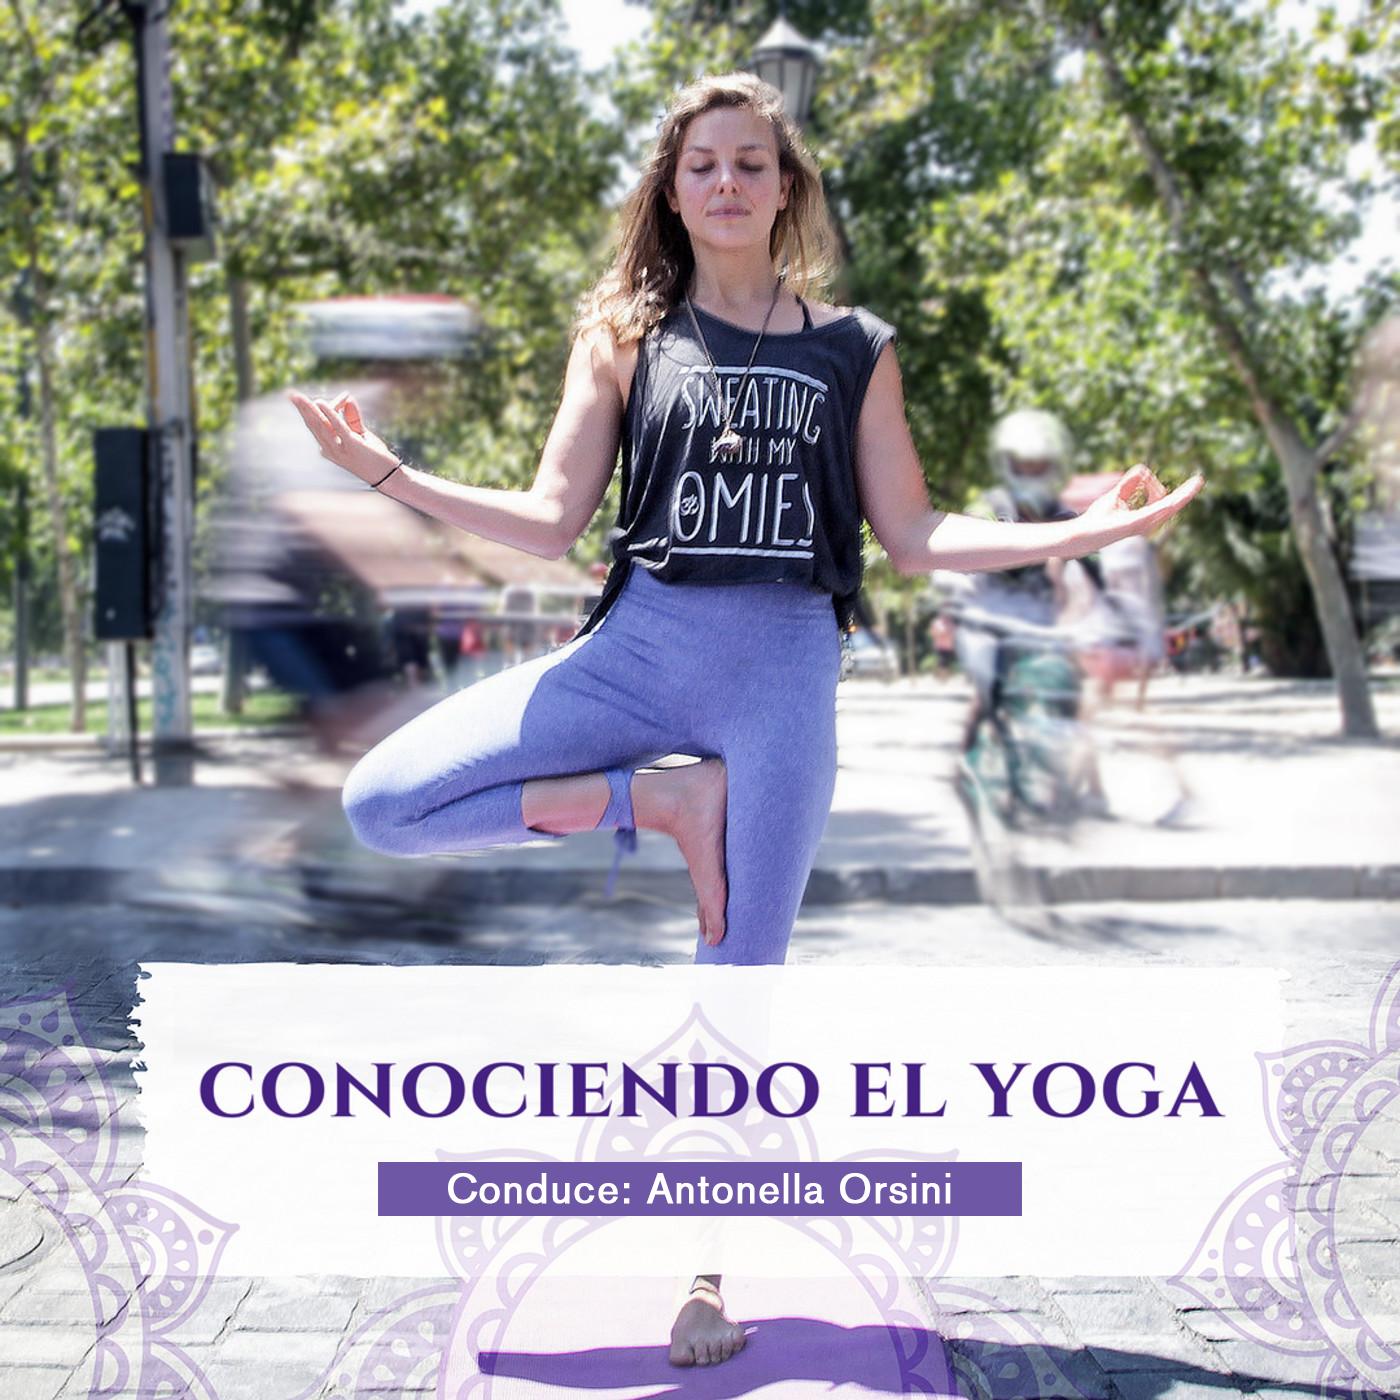 #ConociendoElYoga - Clases de yoga en podcast, para que puedas alinear tus chakras desde la comunidad de tu hogar.